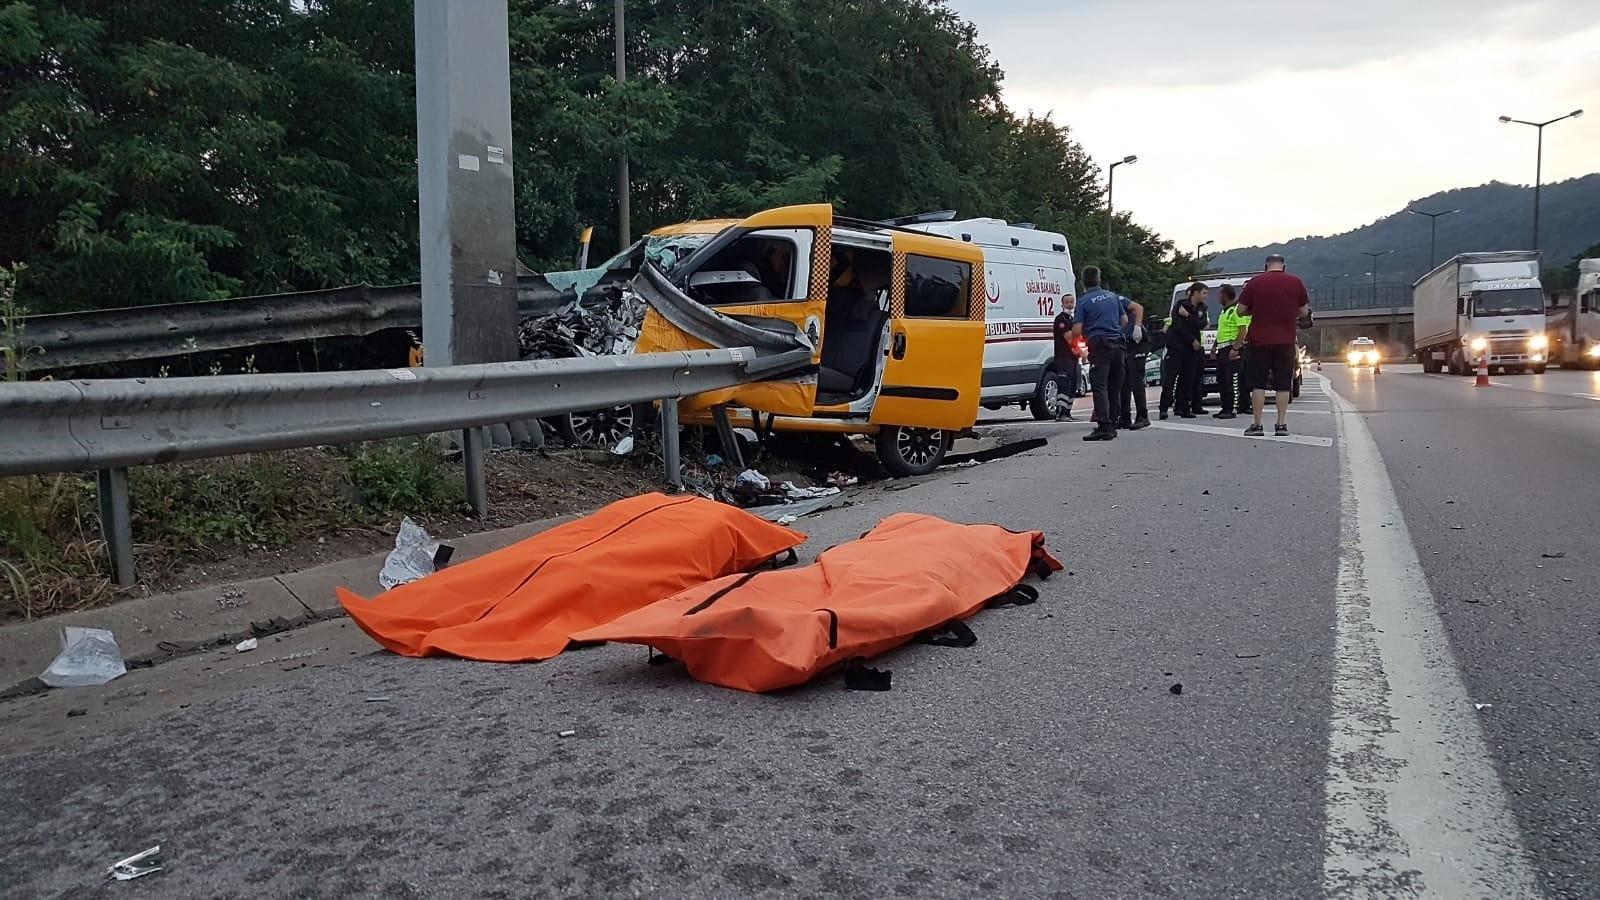 TEM'de Ticari Taksi Bariyerlere Ok Gibi Saplandı: 2 Ölü, 5 Yaralı